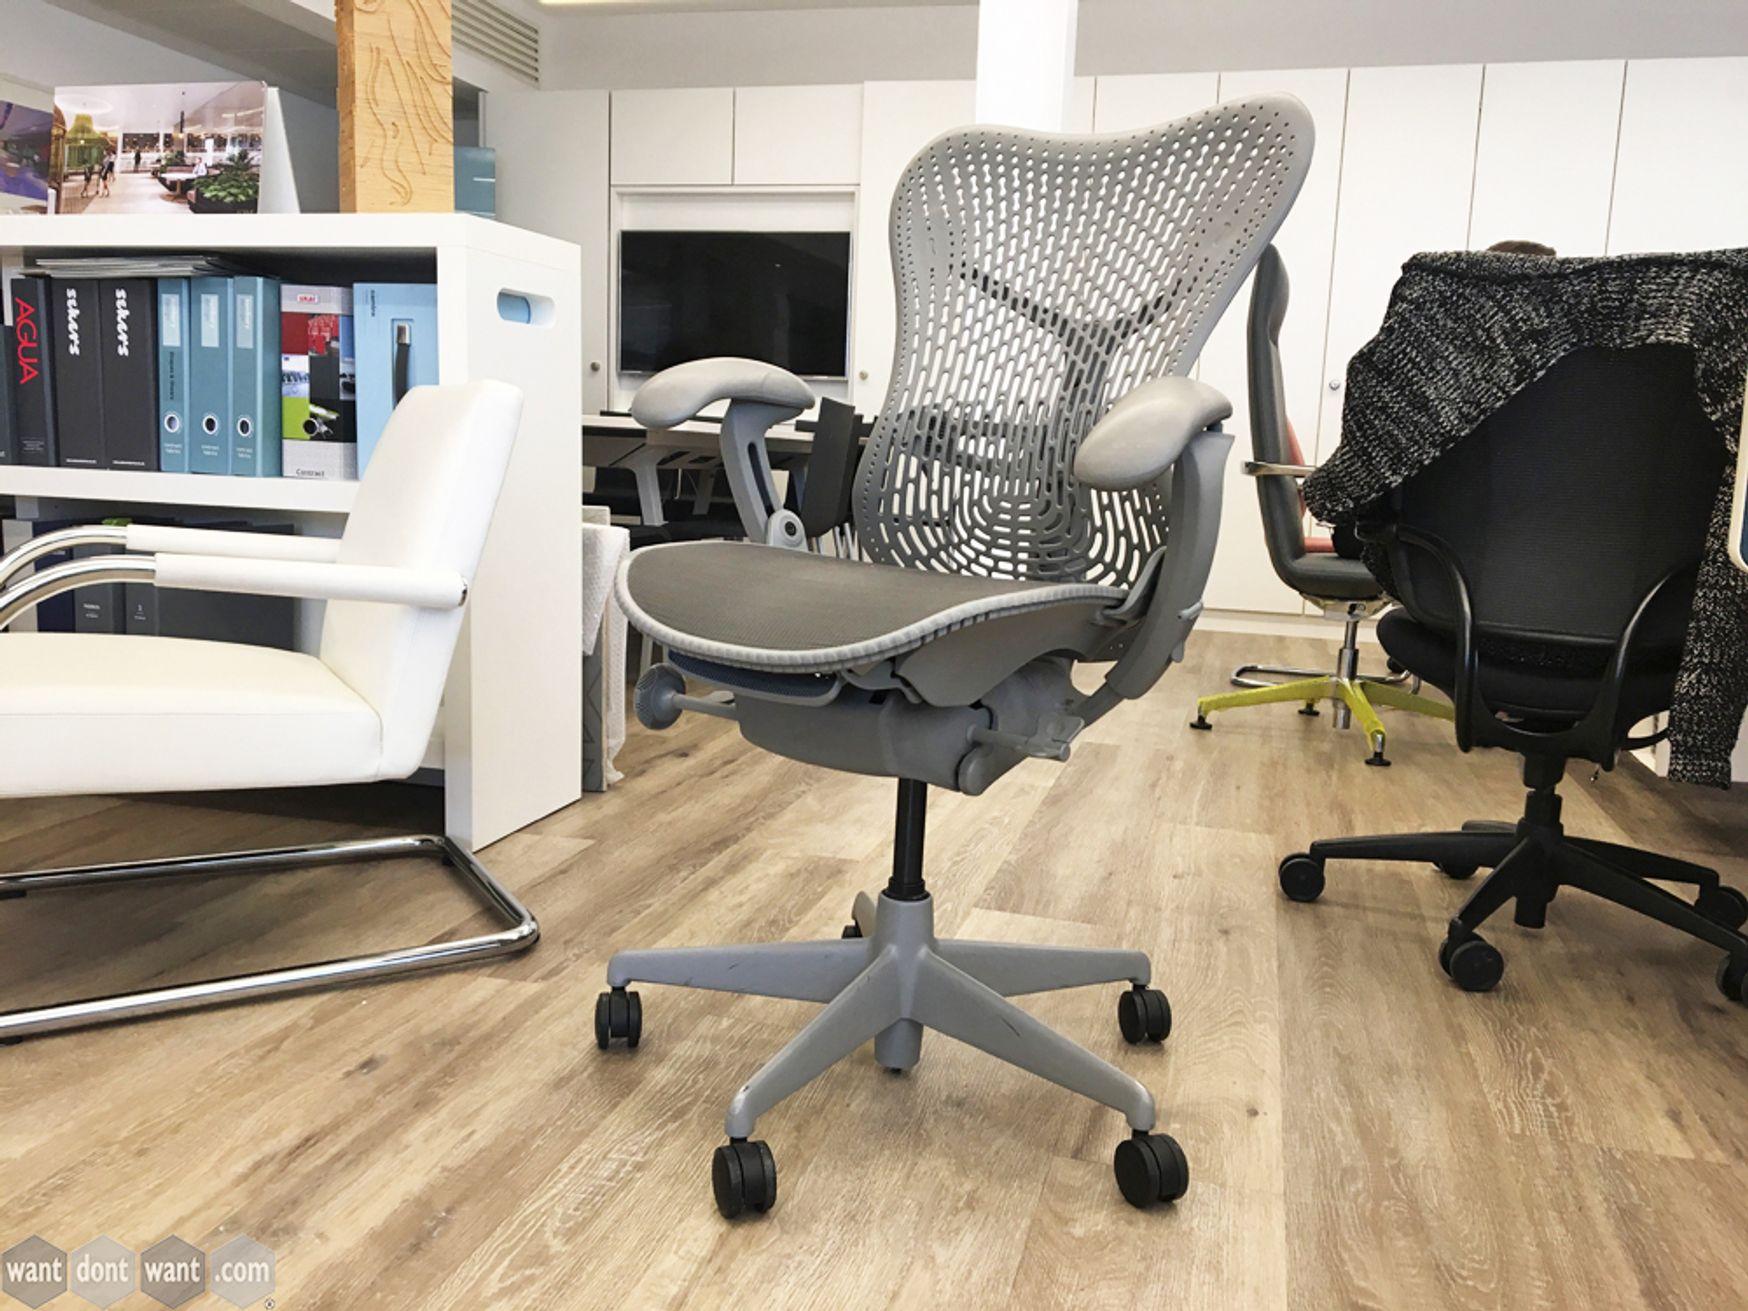 Used Herman Miller Mirra Chair in Grey